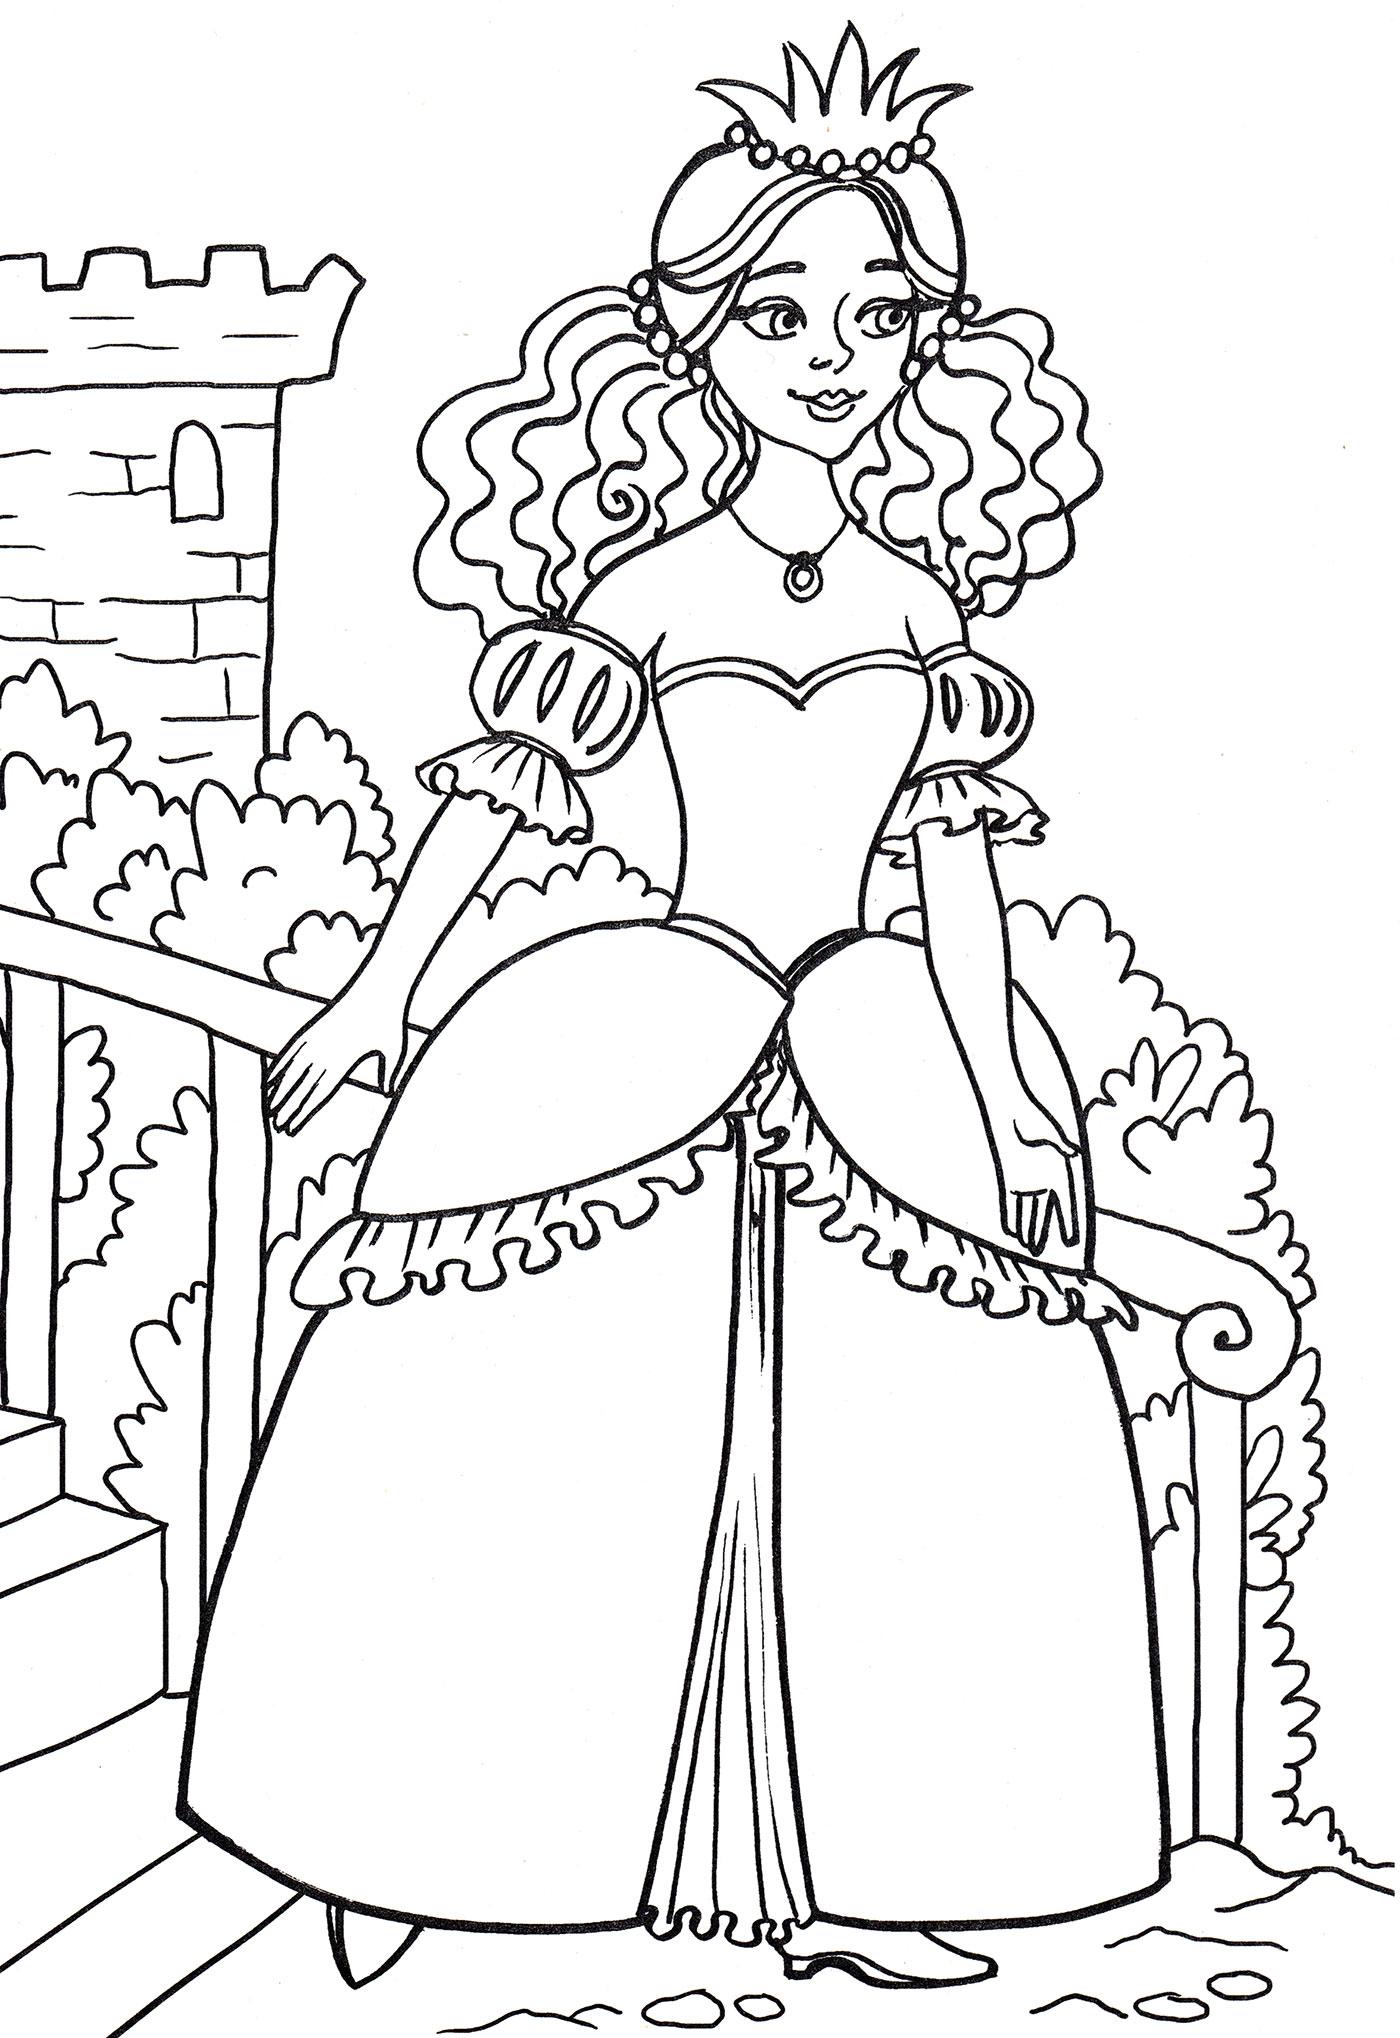 Раскраска Принцесса на балконе - распечатать бесплатно